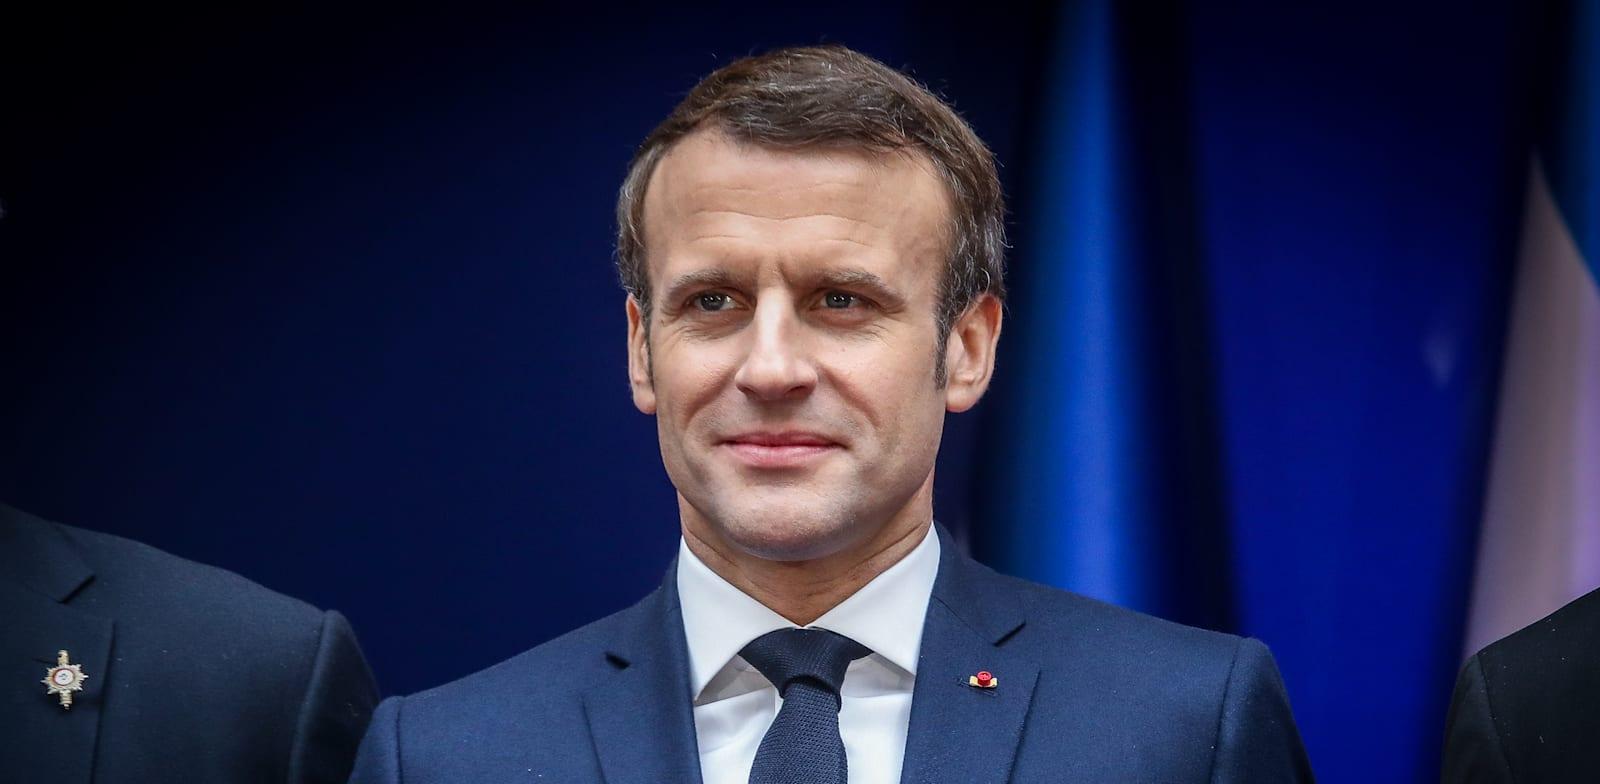 """נשיא צרפת, עמנואל מקרון / צילום: מארק ישראל סלם, """"ג'רוזלם פוסט"""""""